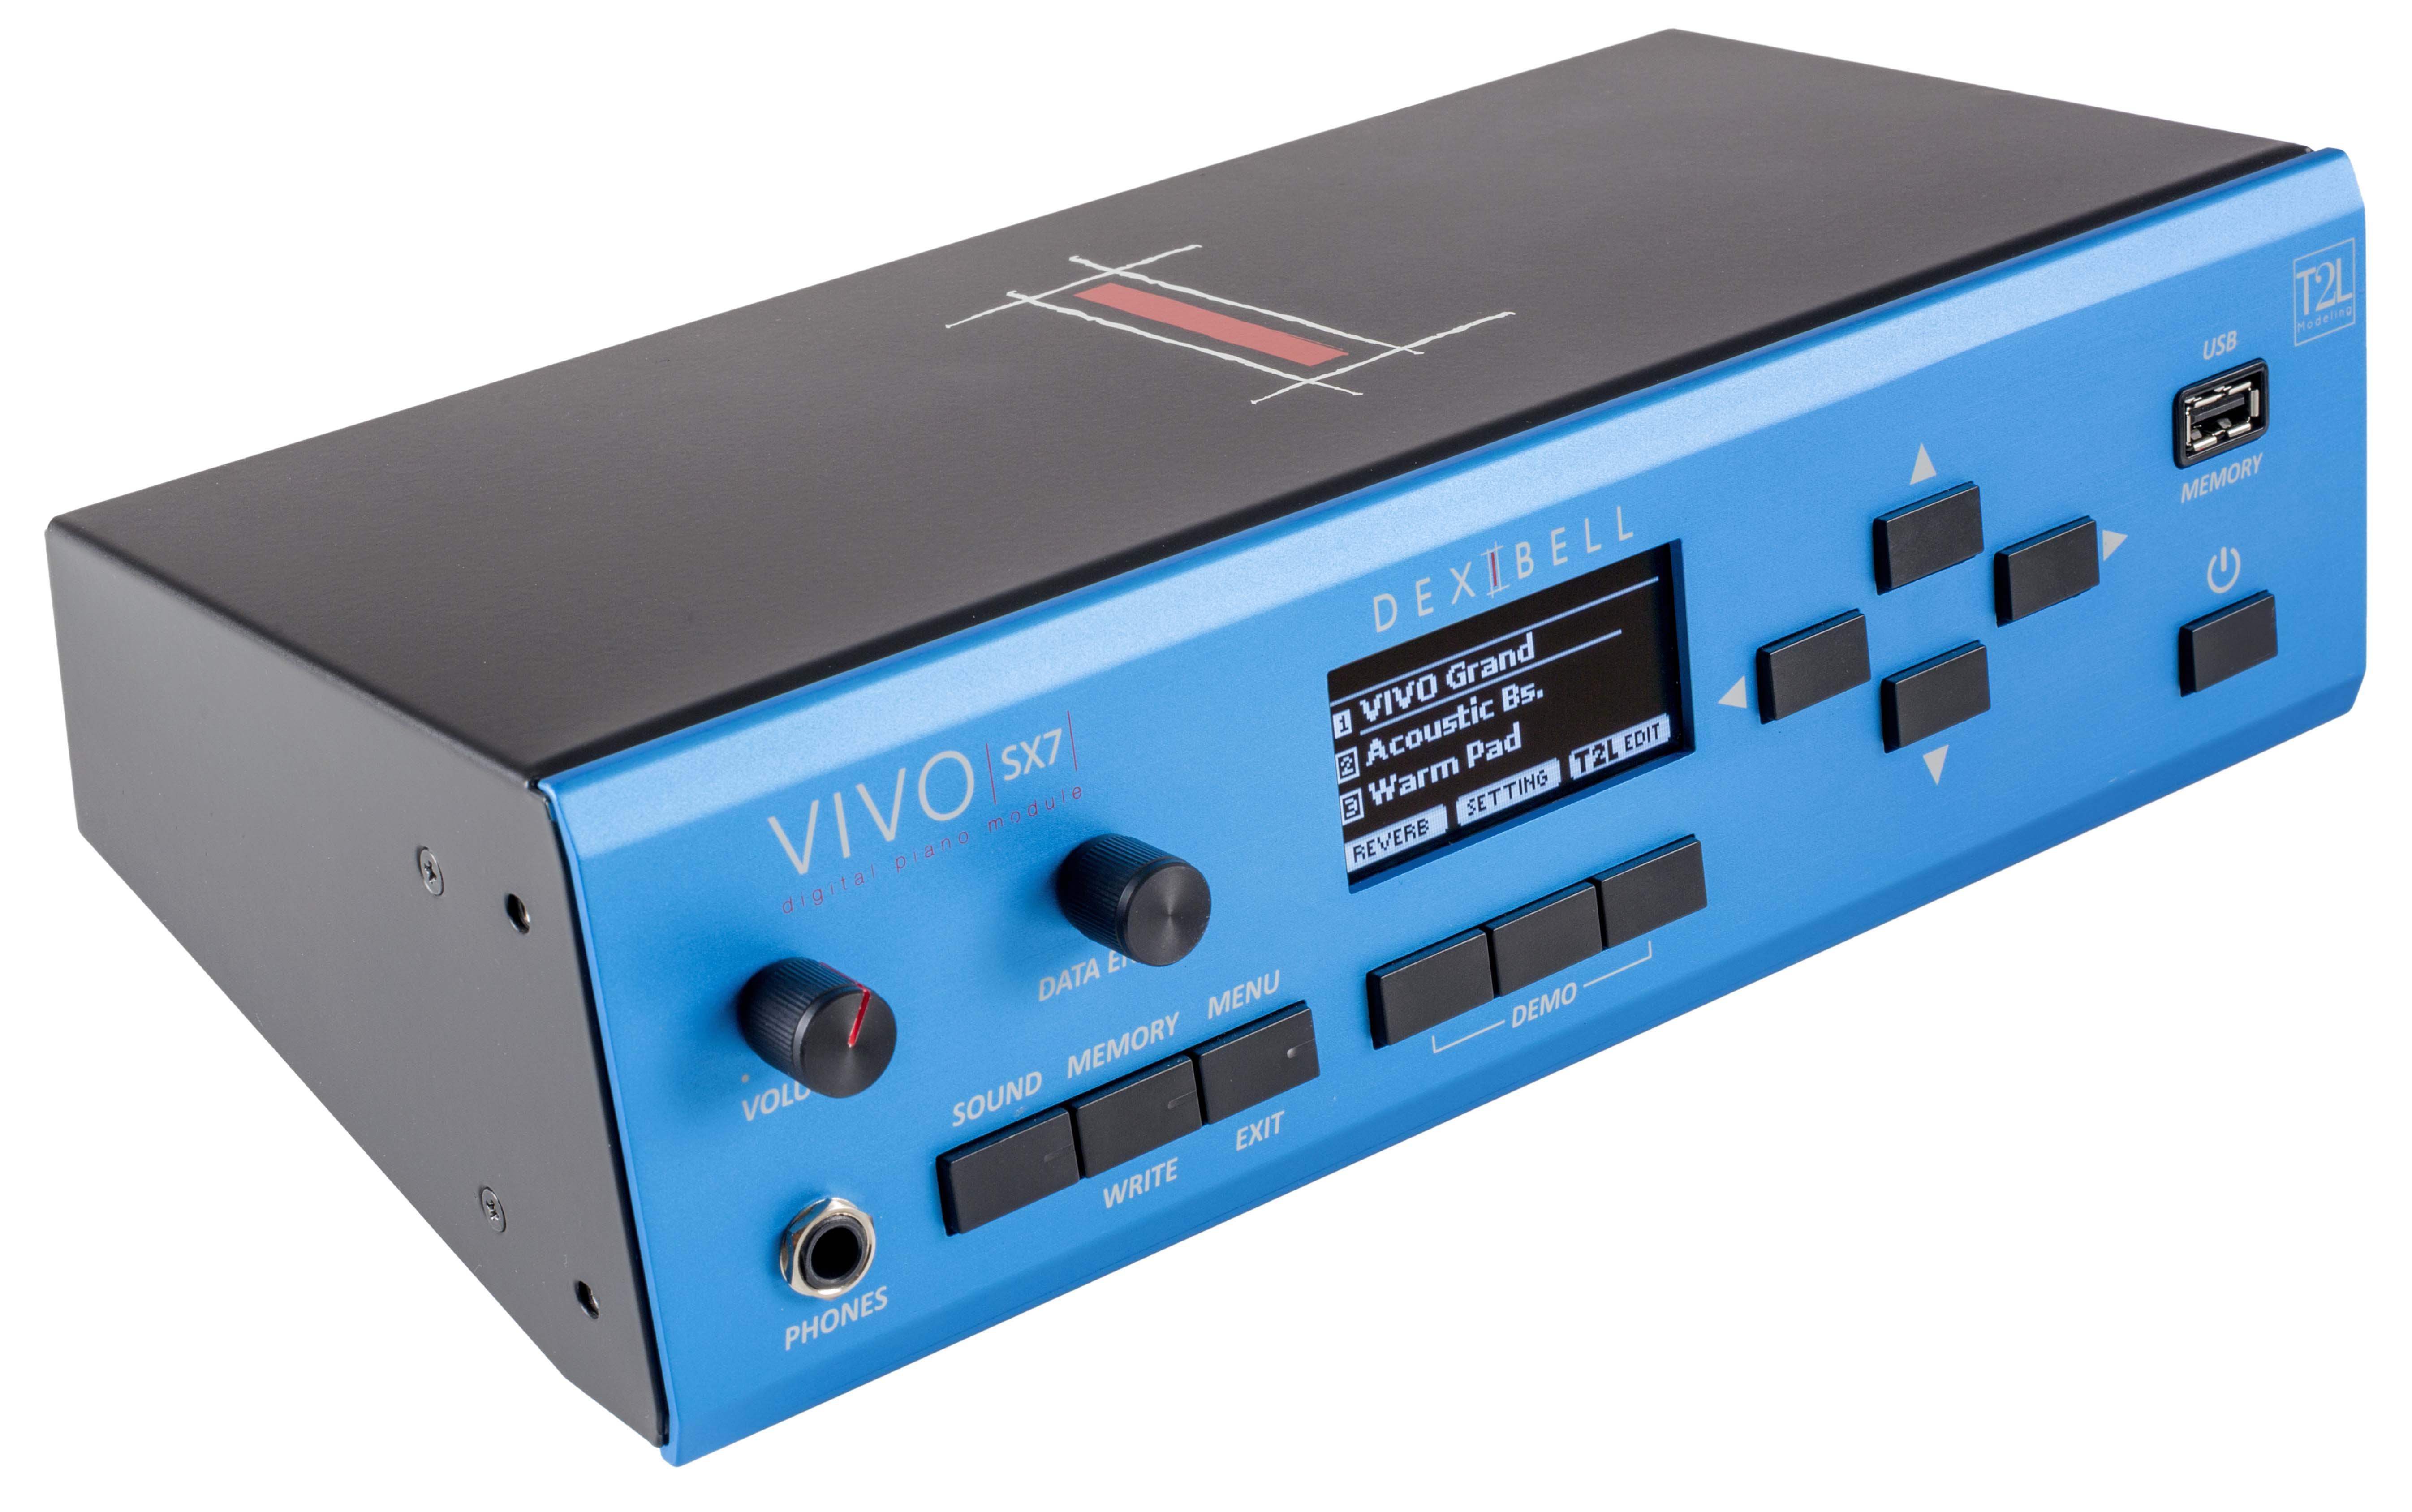 VIVO SX7